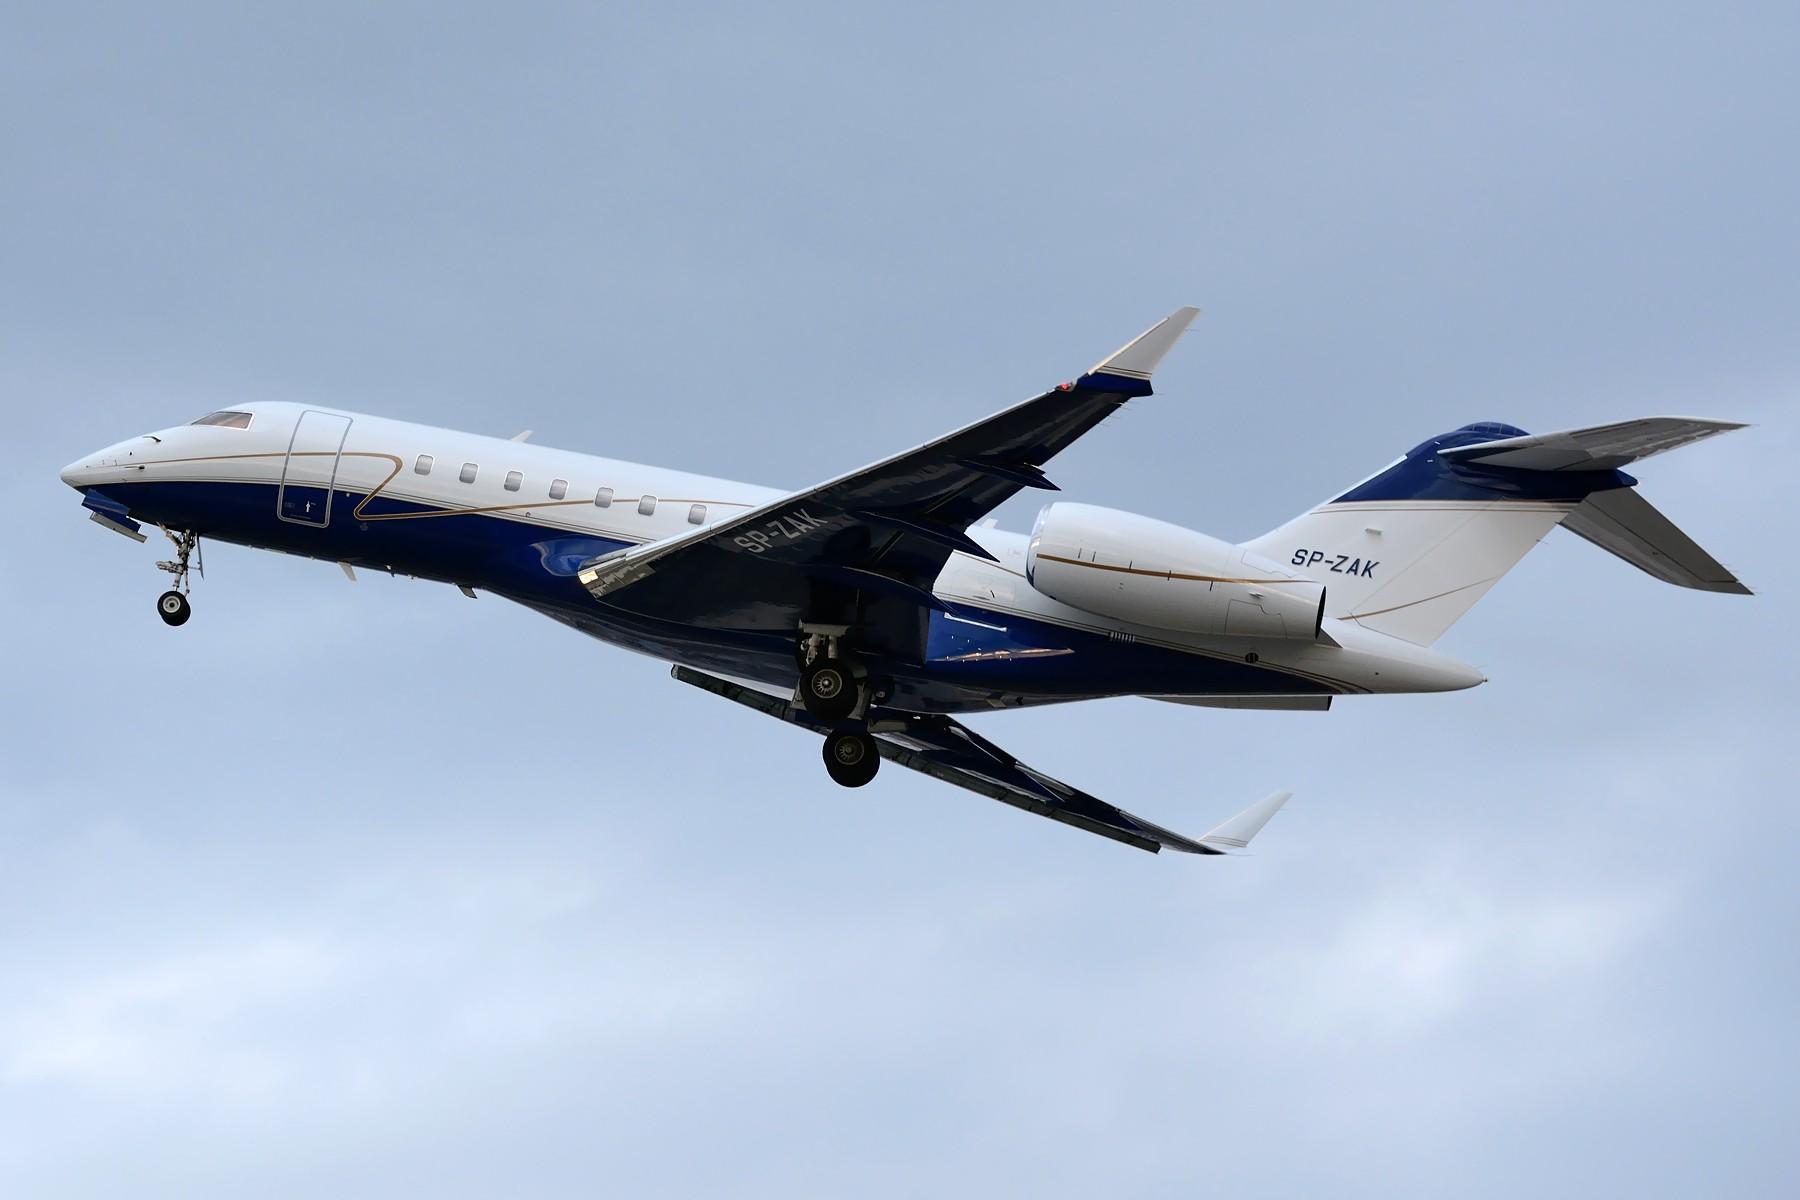 Re:[原创]【PEK】SP-ZAK Bombardier BD-700-1A11 Global 5000 BOMBARDIER BD-700-1A11 GLOBAL 5000 SP-ZAK 中国北京首都国际机场